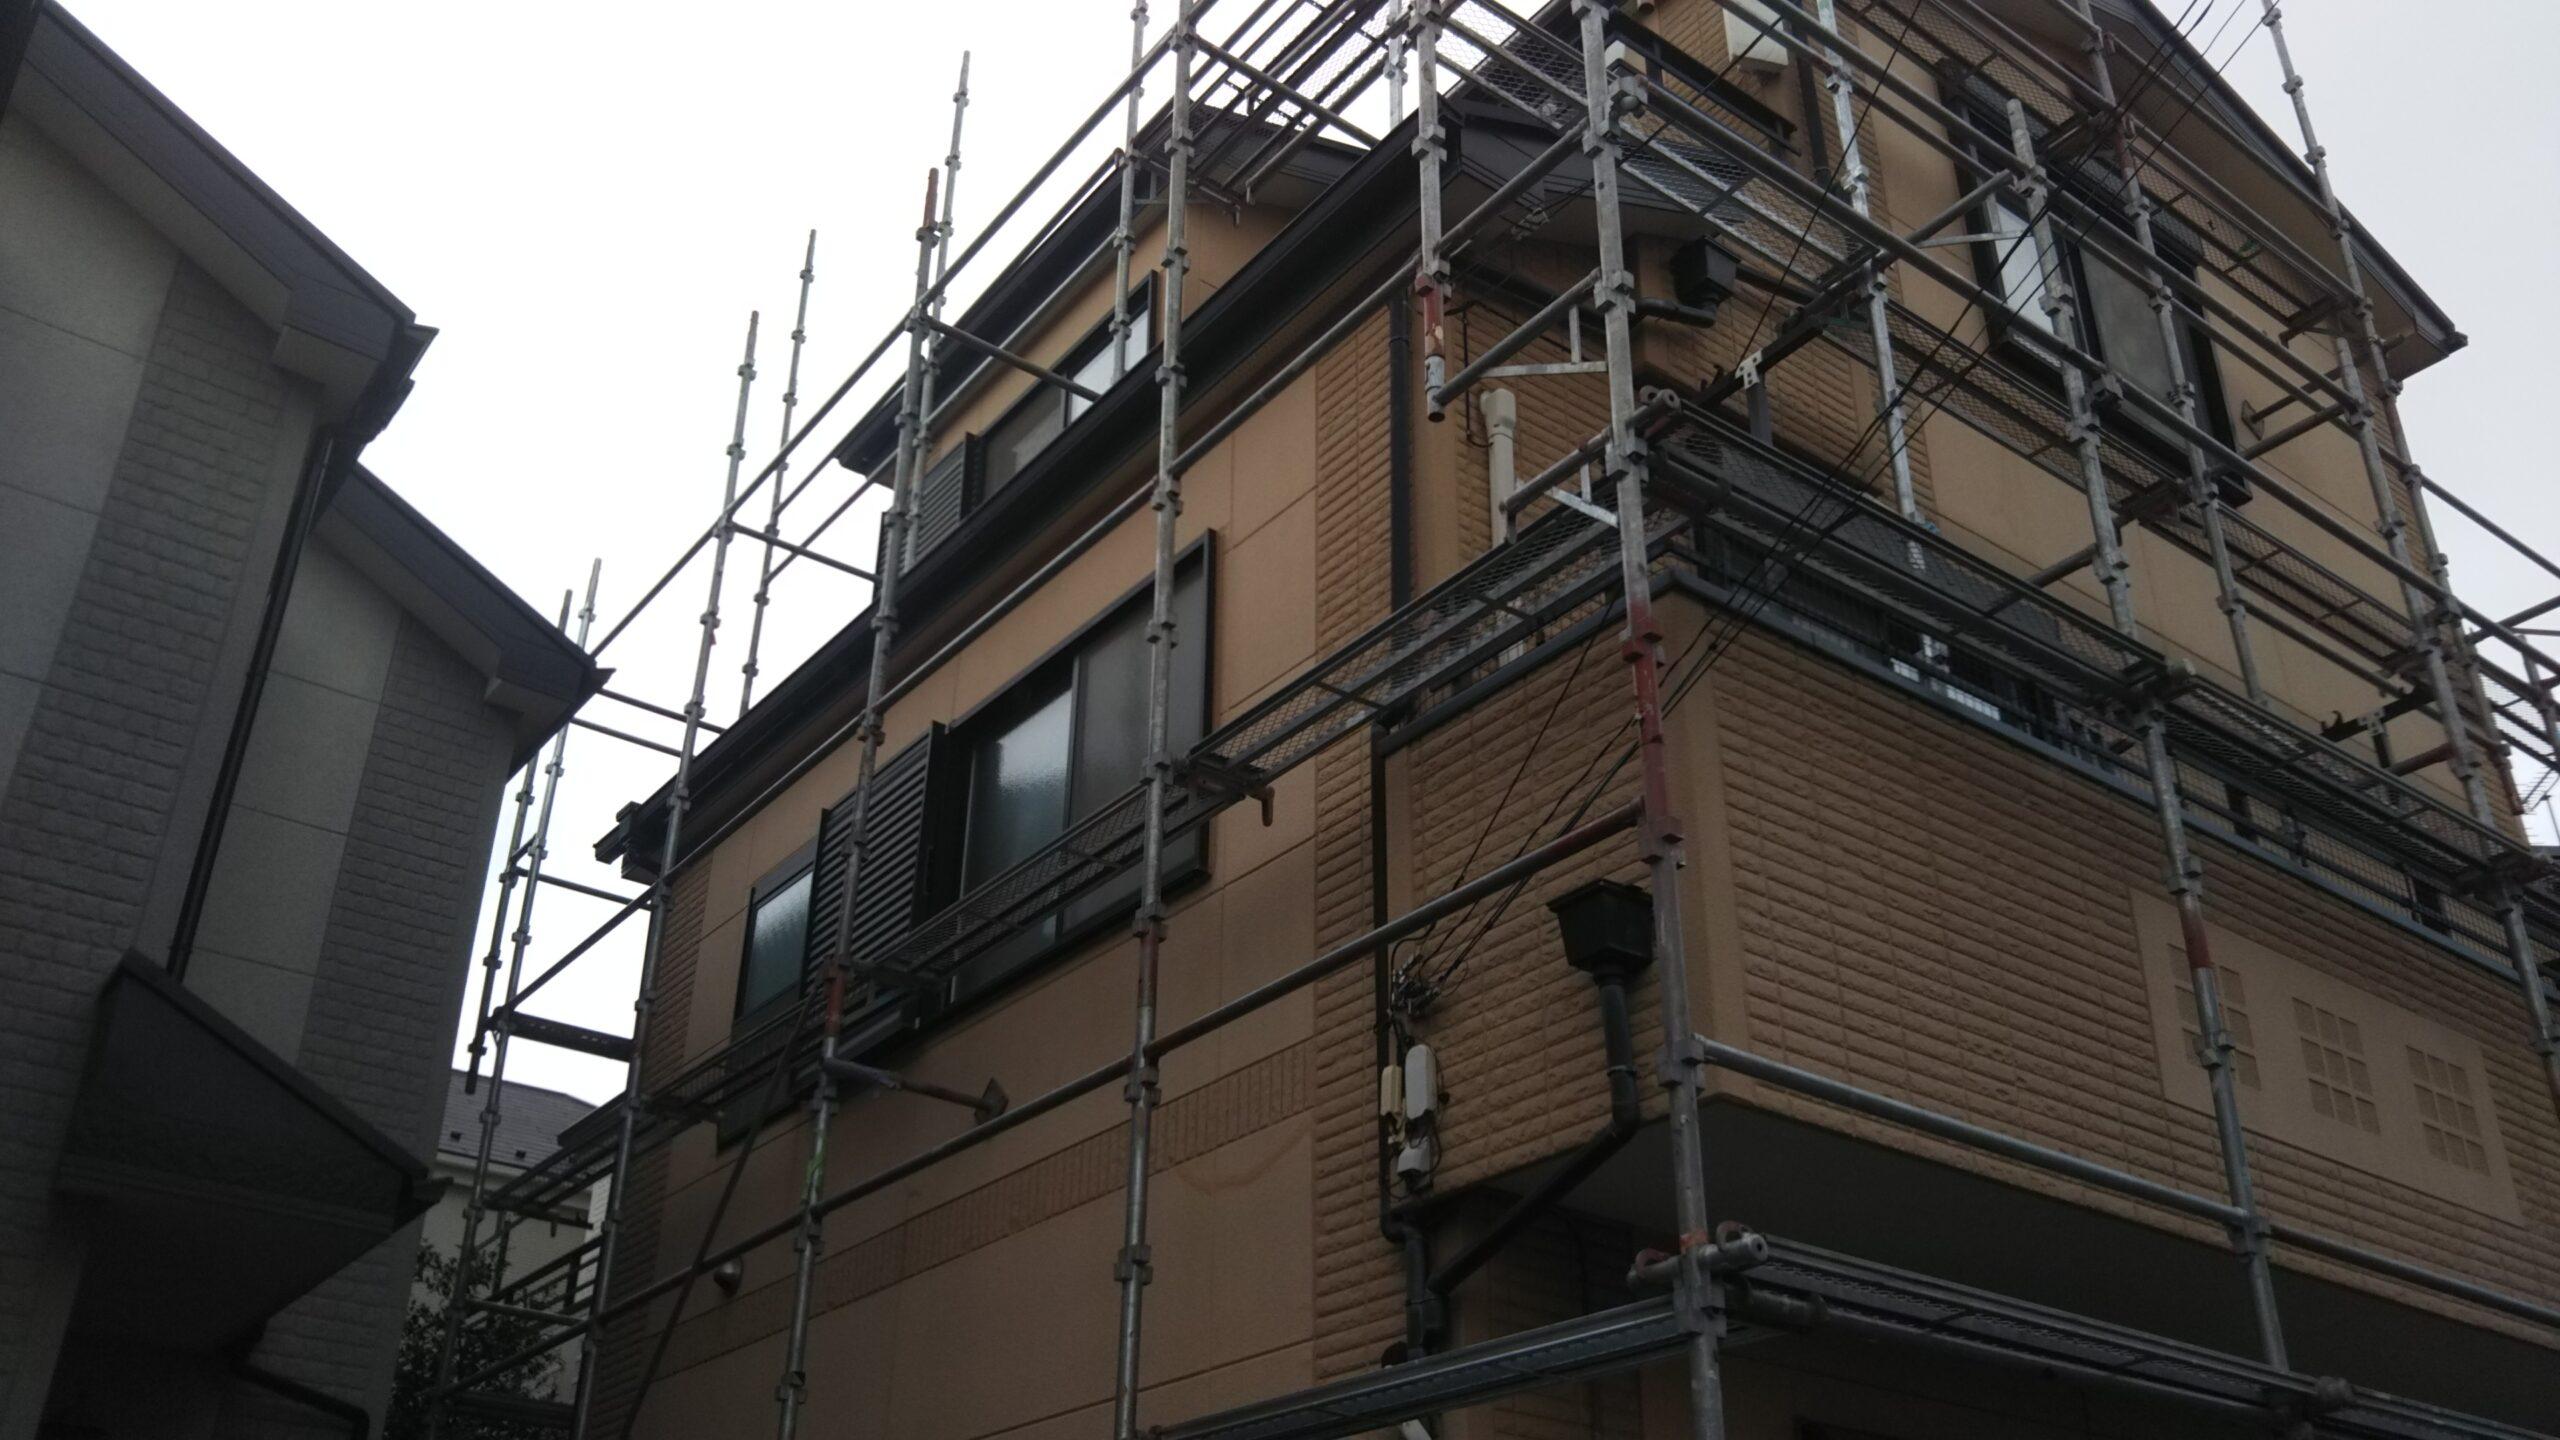 埼玉県さいたま市中央区のA様邸(木造3階建て)にて屋根・外壁の塗り替えリフォーム